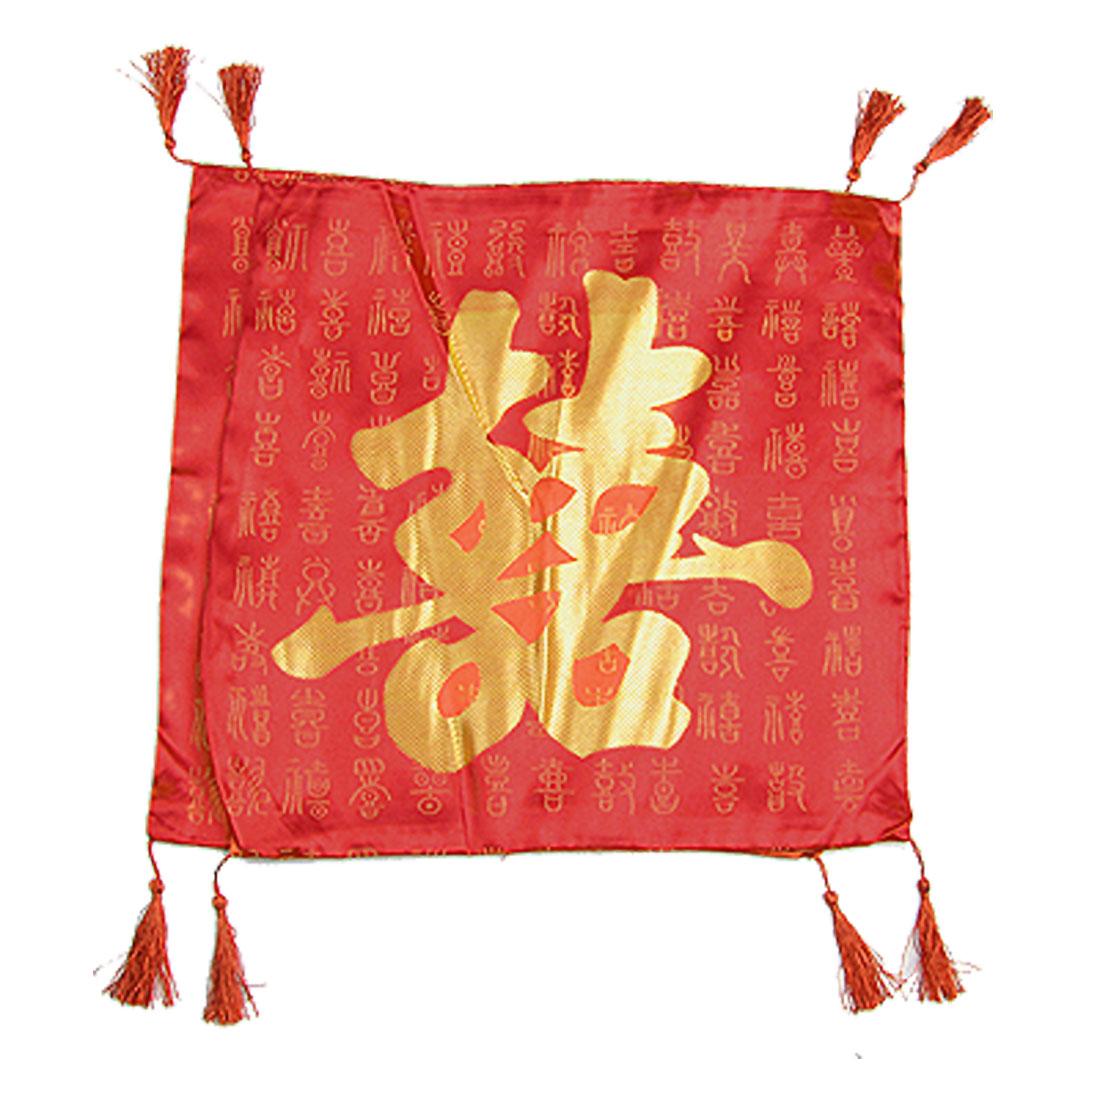 Seal Character Golden Rim Pillow Cushion Cover w/ Zipper